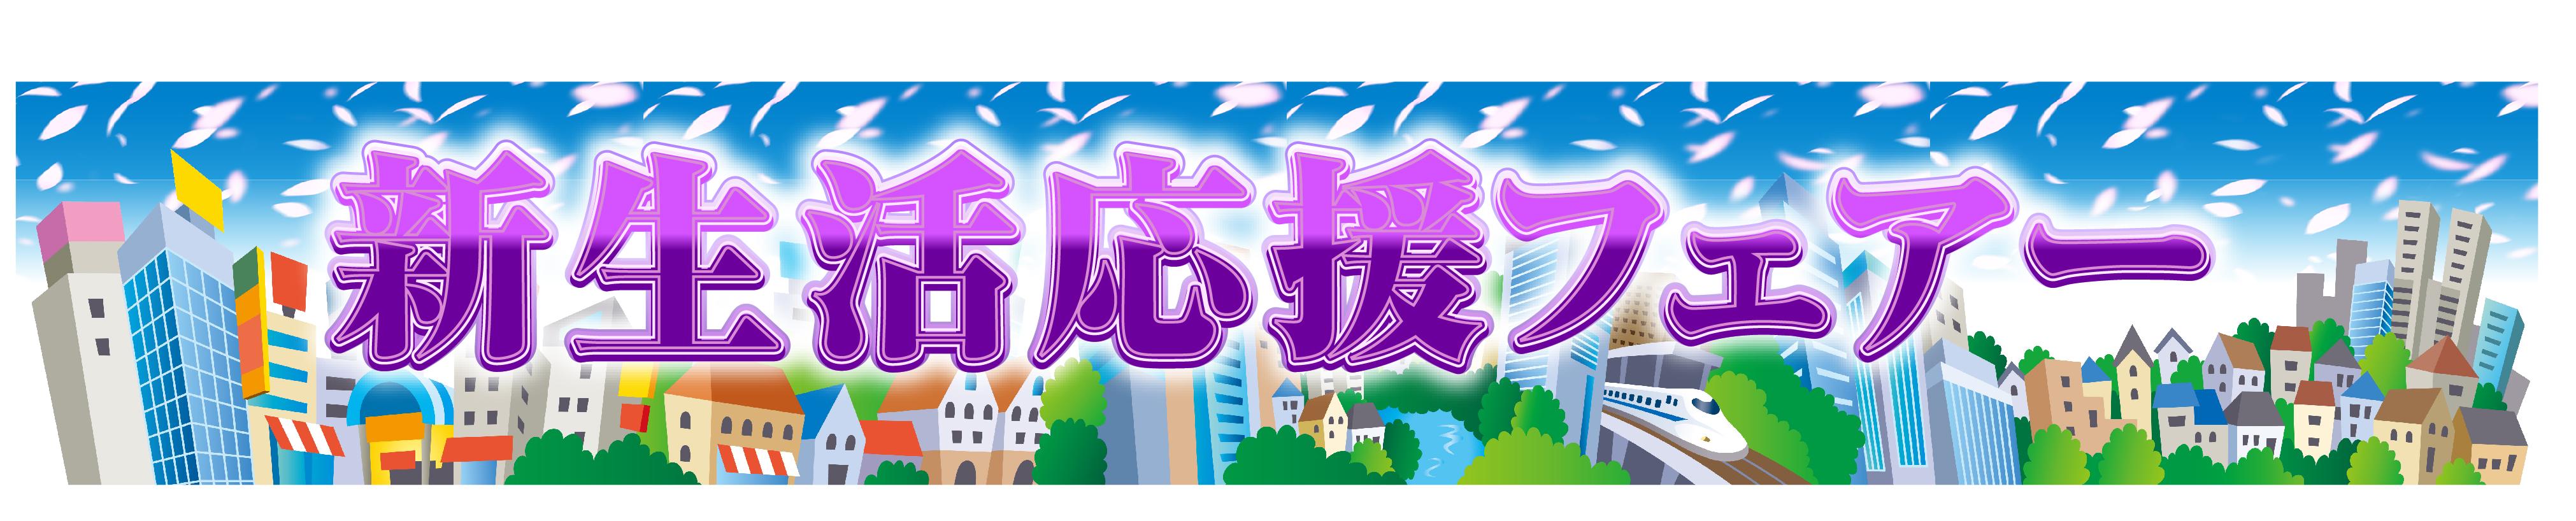 shinseikatsu banner